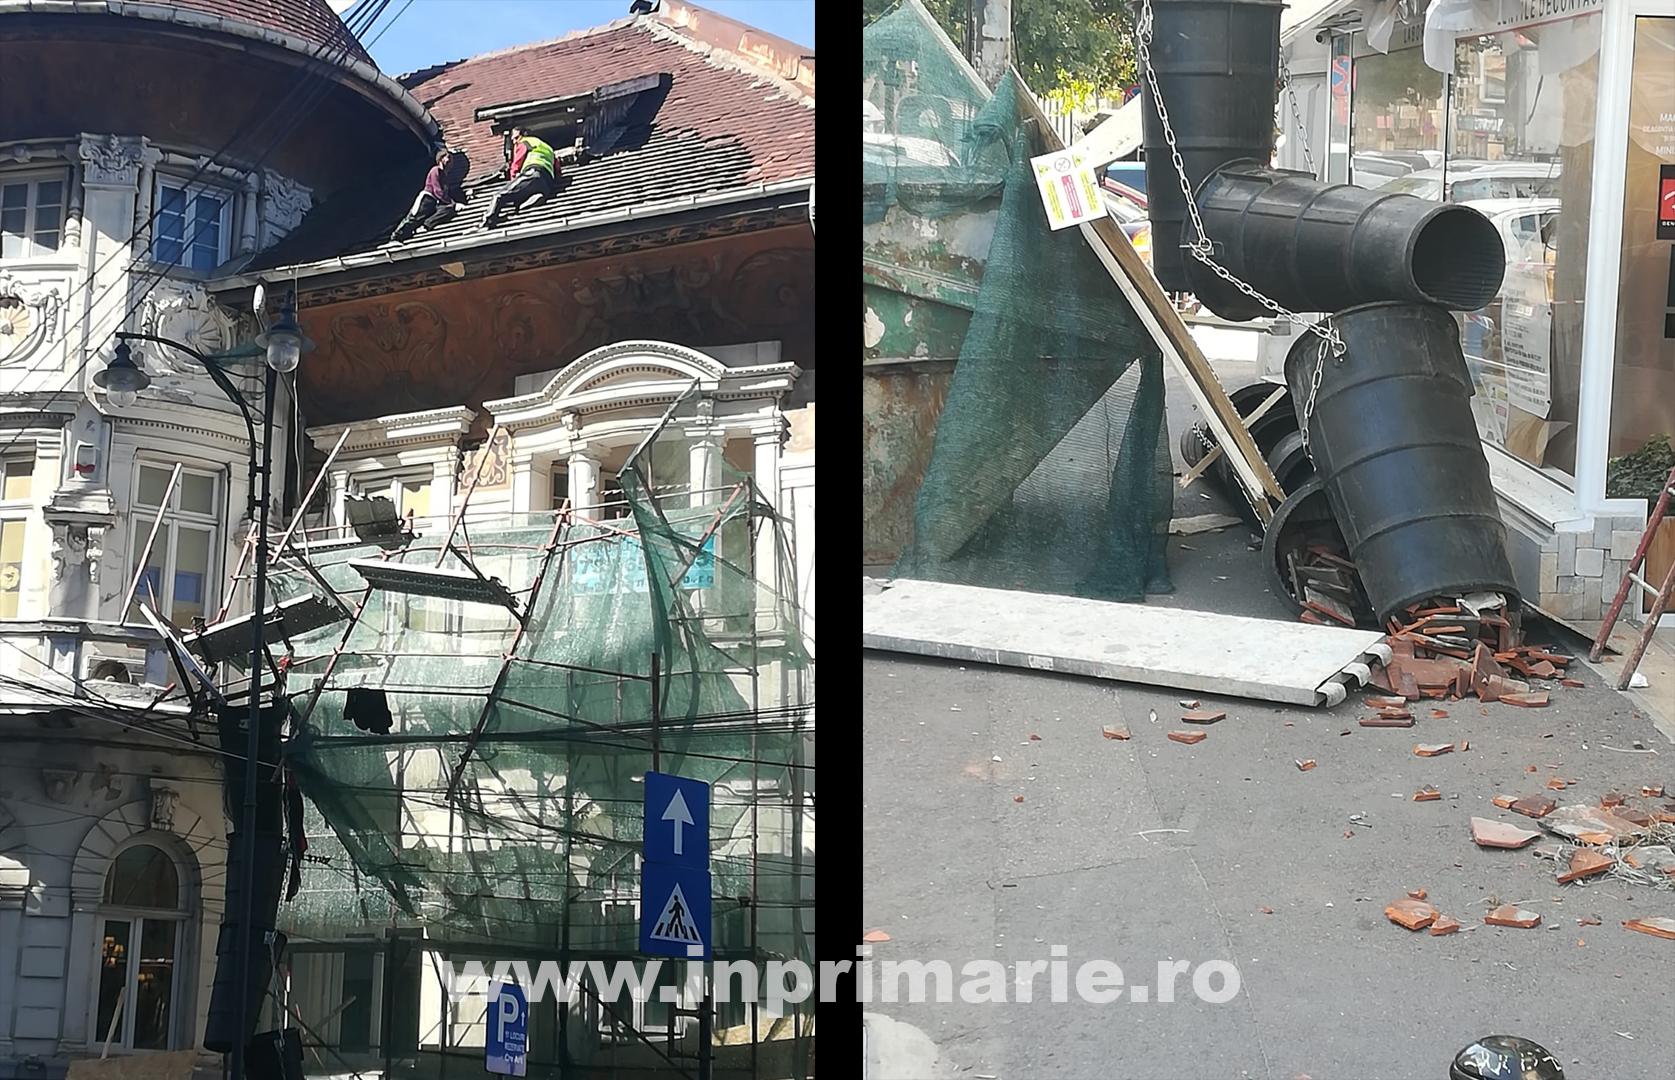 INCIDENT. Schela unei clădiri vechi aflate în renovare s-a prăbușit în zona Pieței Romane. Doi muncitori au rămas blocațipe acoperișul clădirii.